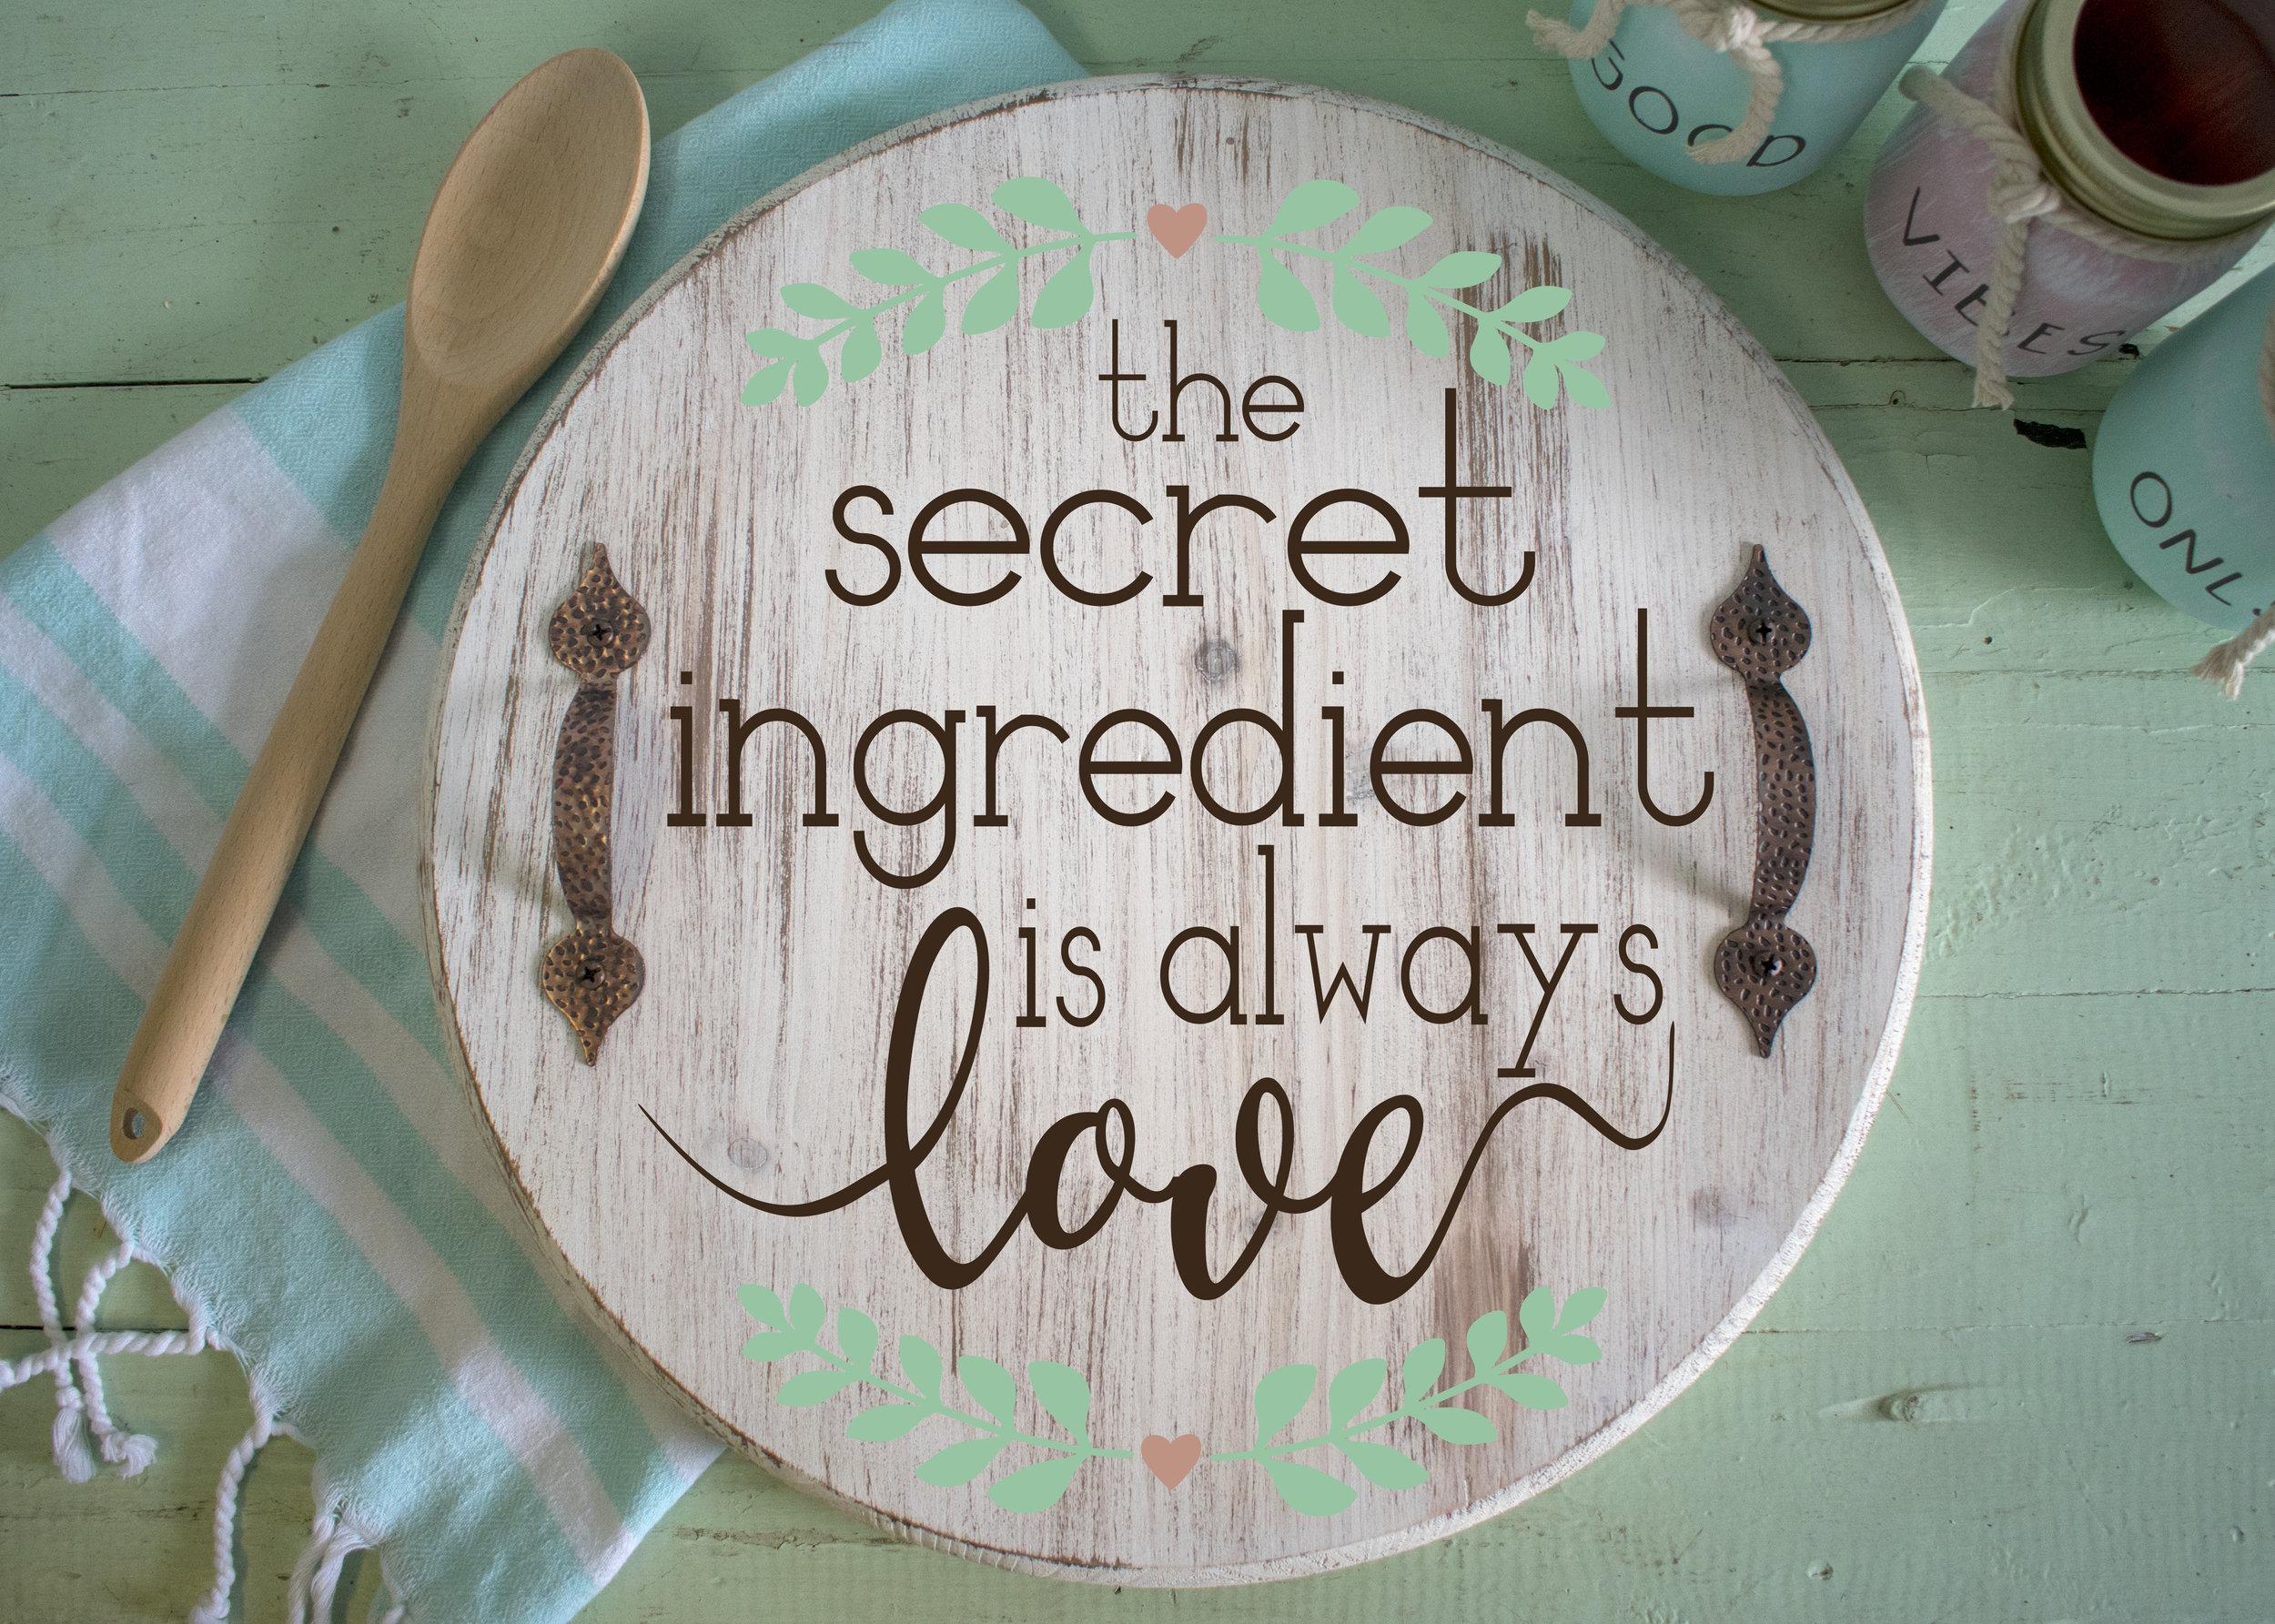 secretingredient.jpg